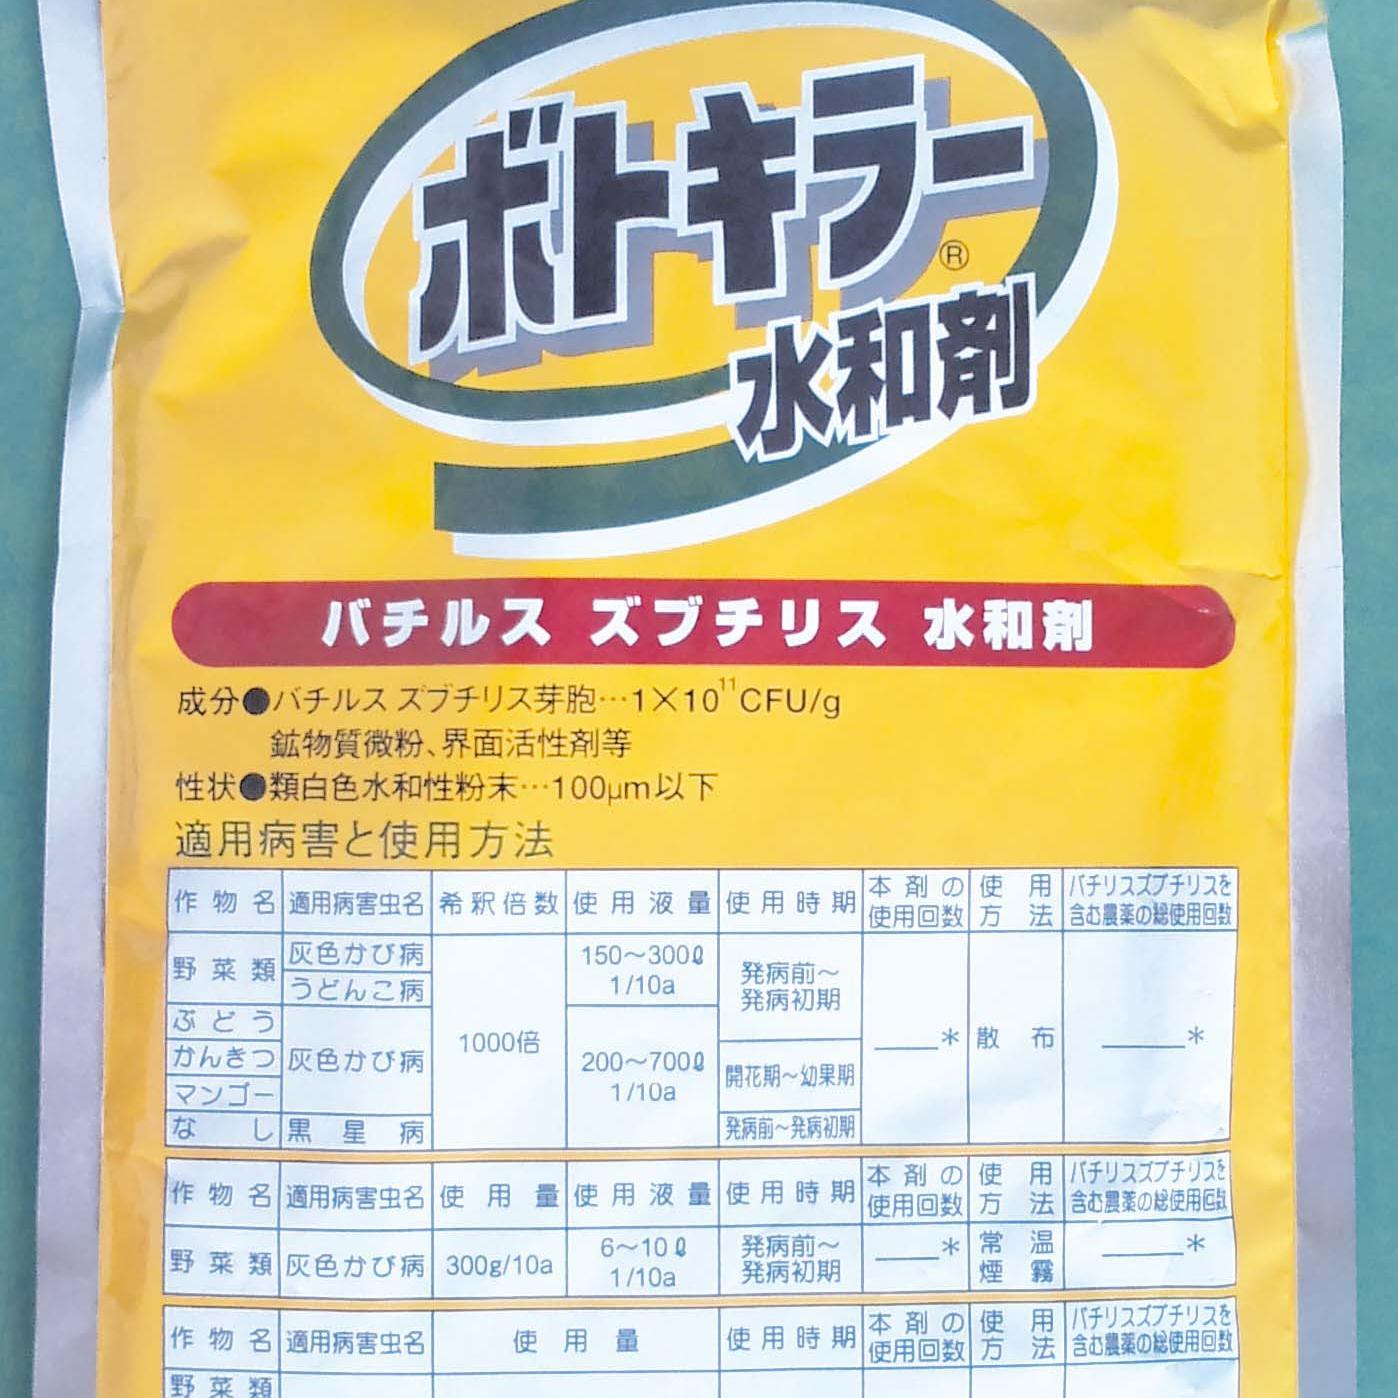 ボトキラー水和剤